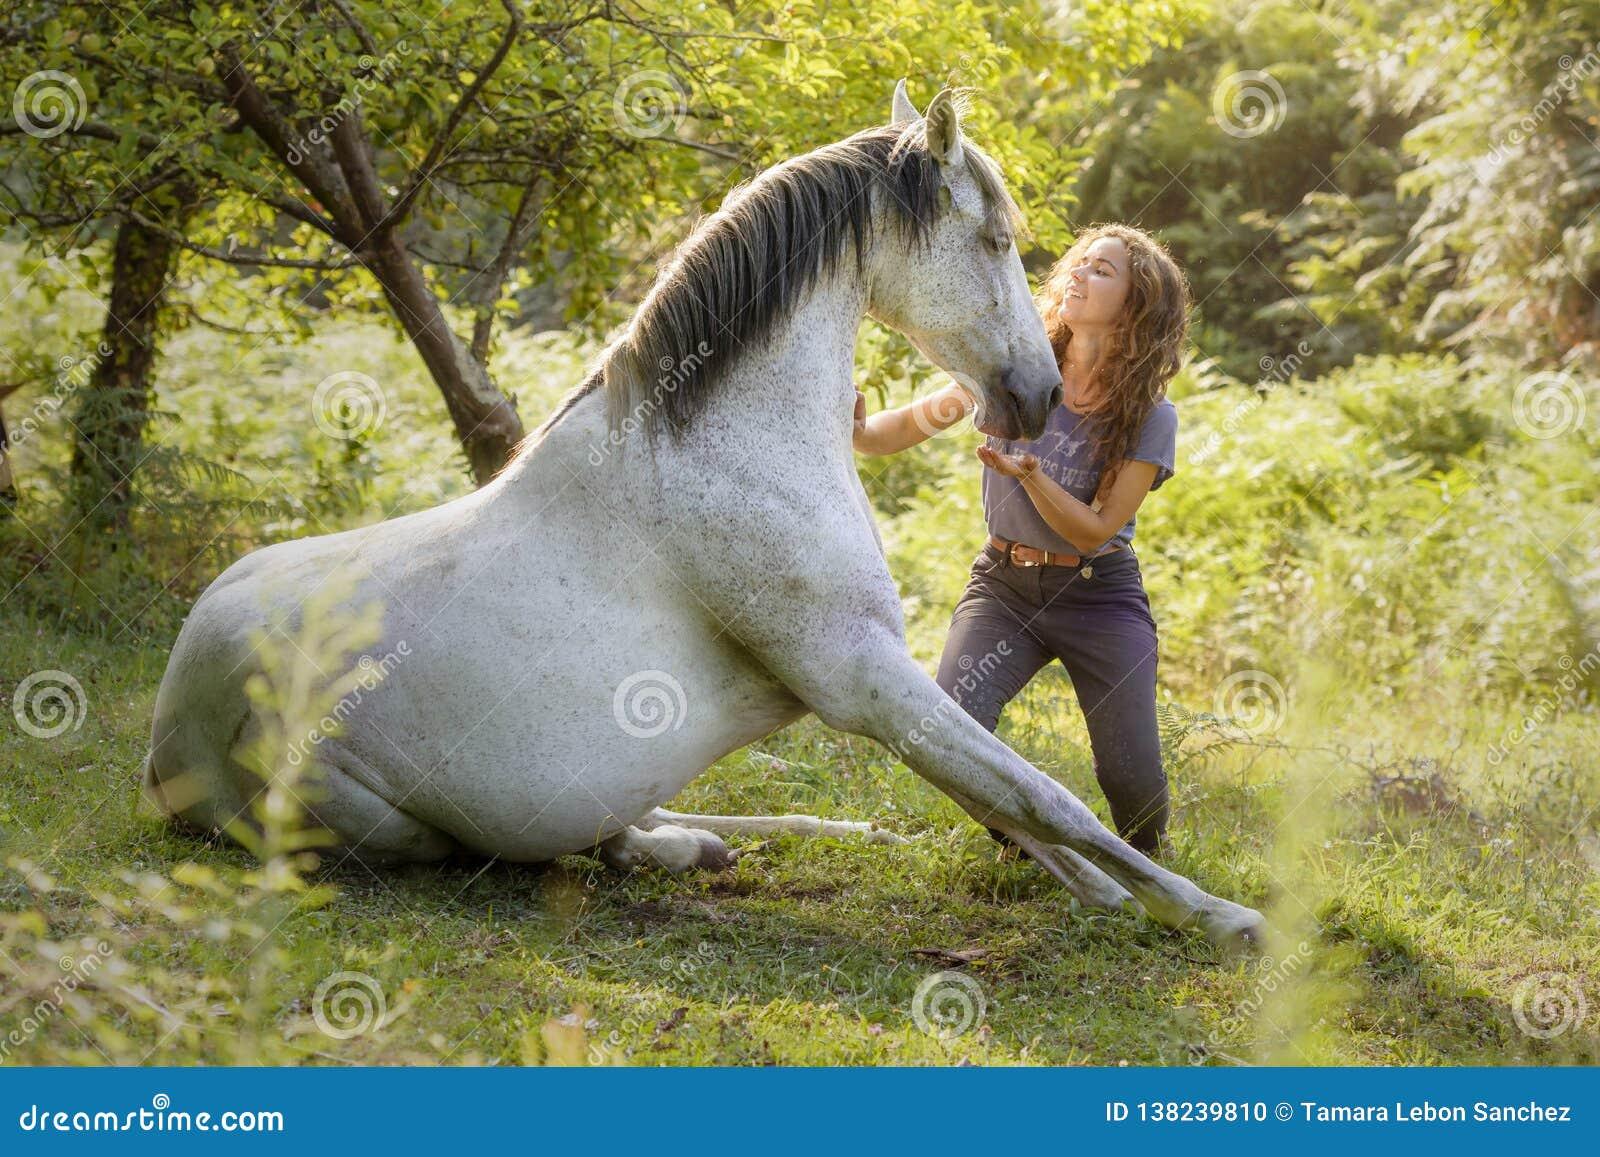 En ung skicklig ryttarinna visar ett trick med hennes häst utbildad med naturlig dressyr som introducerar oss i världen av ridkon